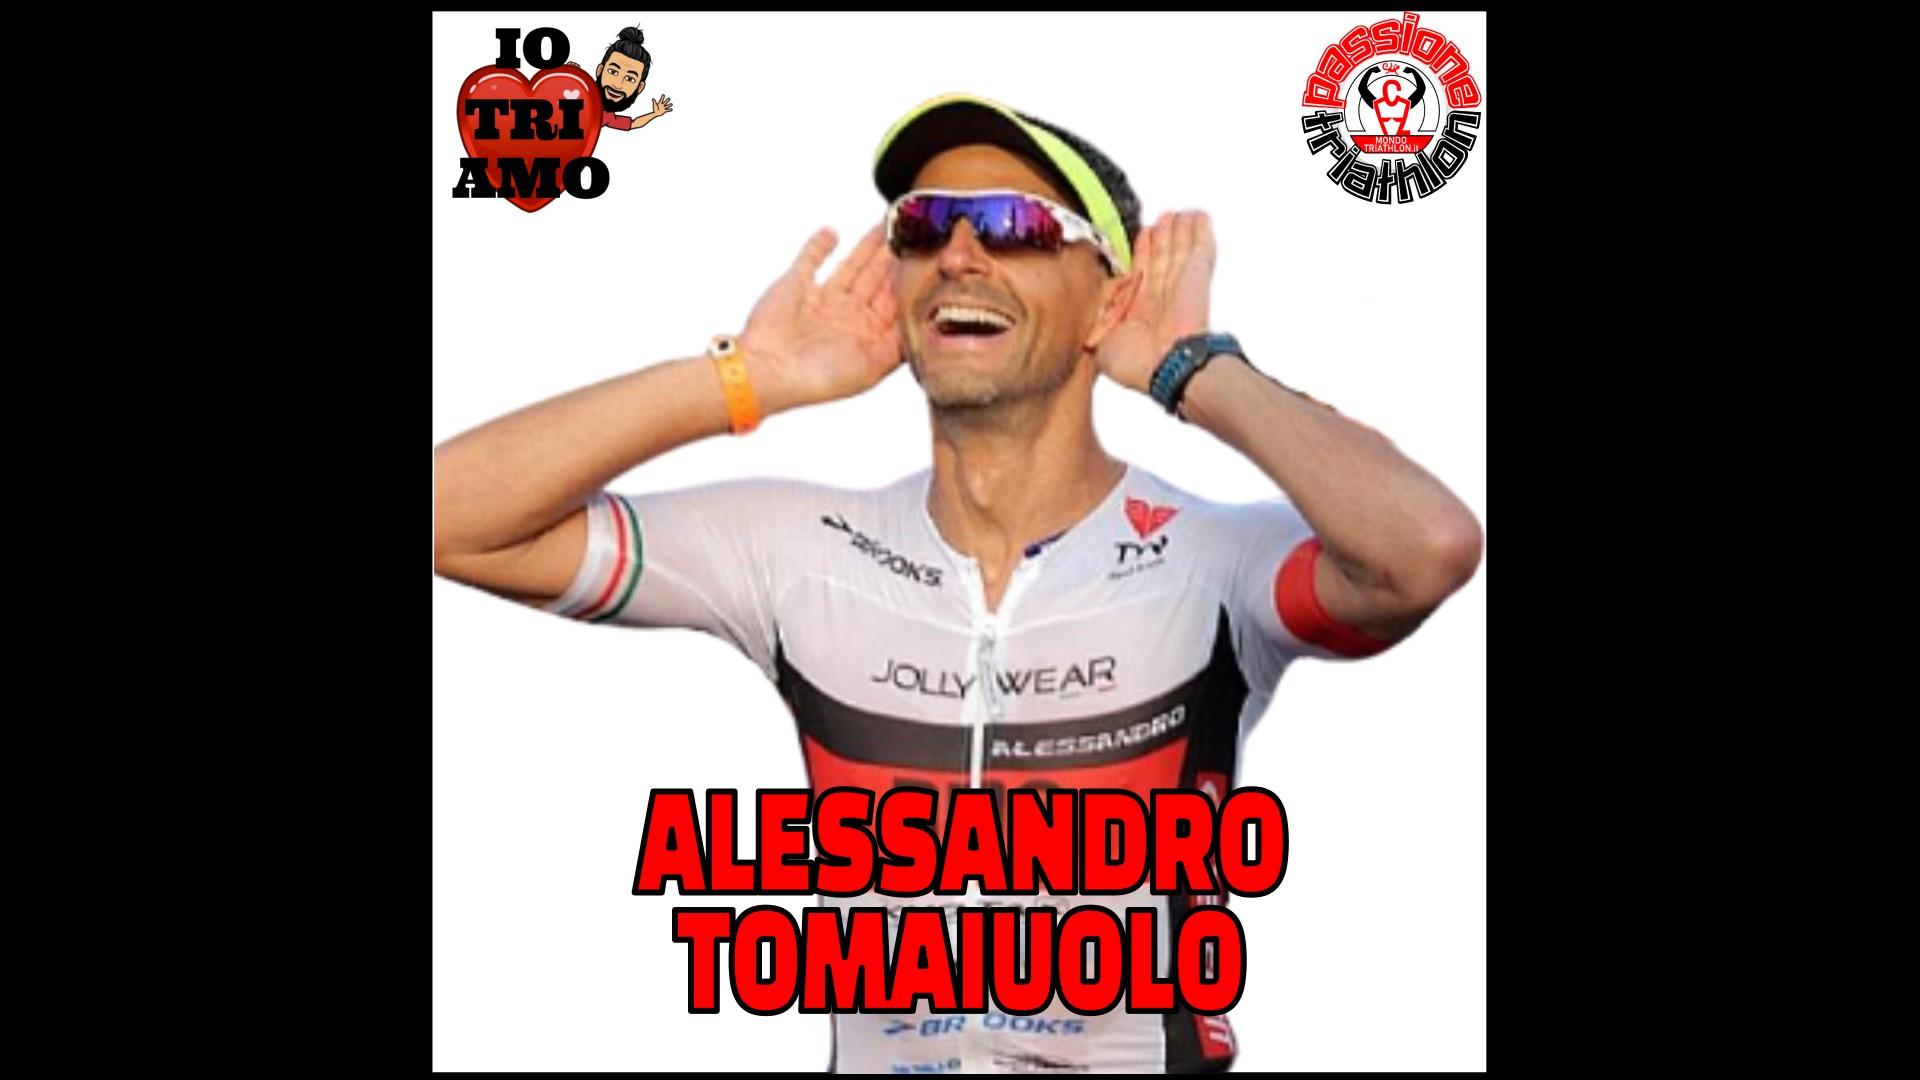 Alessandro Tomaiuolo Passione Triathlon n° 86